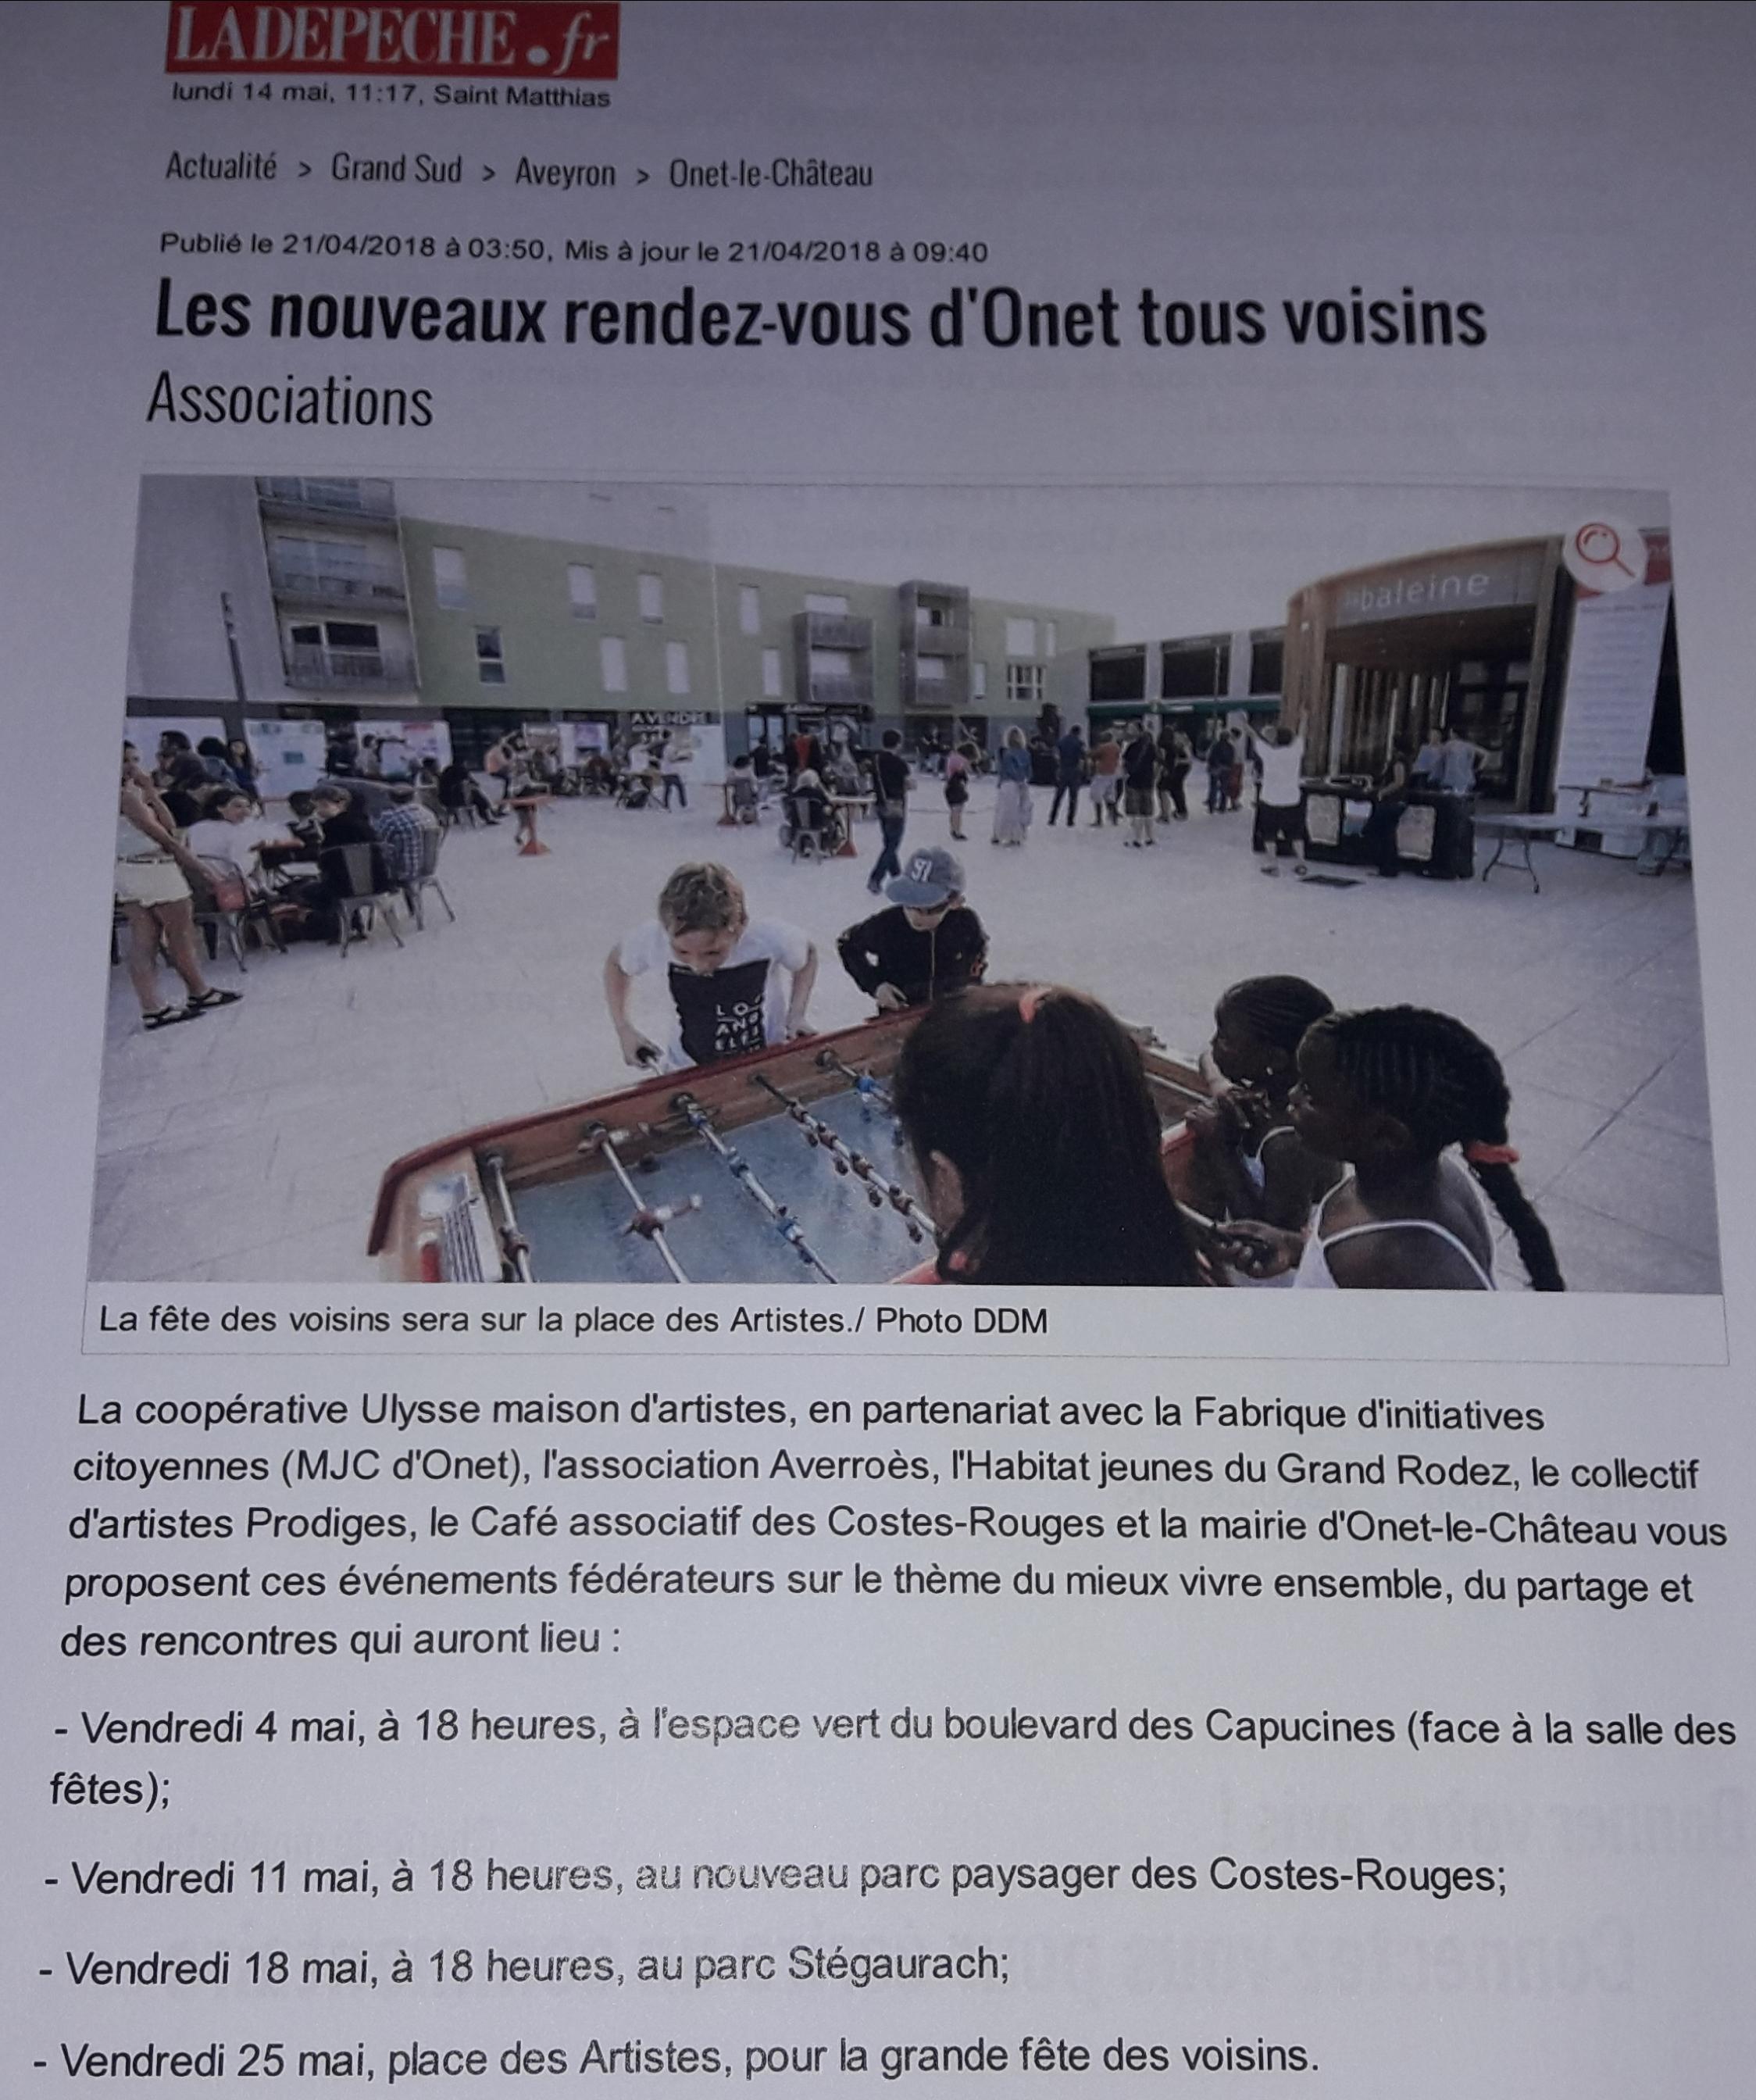 Onet Tous Voisins - La Dépêche 21-04-2018